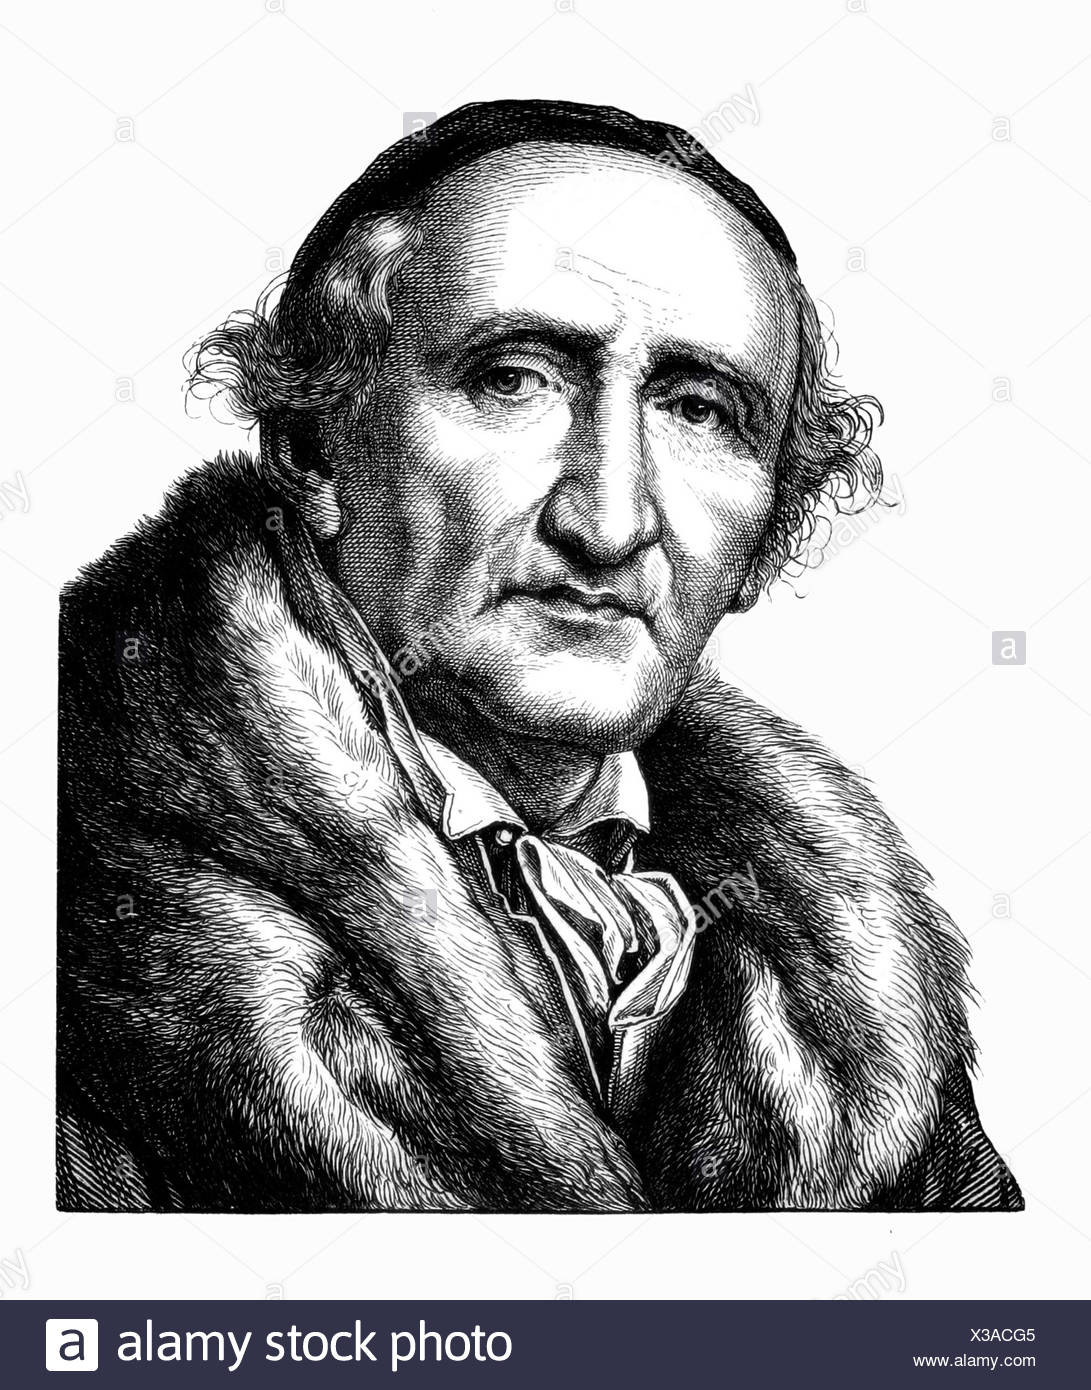 Johann Gottfried Schadow,, 20.5.1764 - 27.1.1850, sculpteur allemand, portrait, gravure sur acier, 19e siècle, l'artiste a le droit d'auteur , de ne pas être effacé Banque D'Images